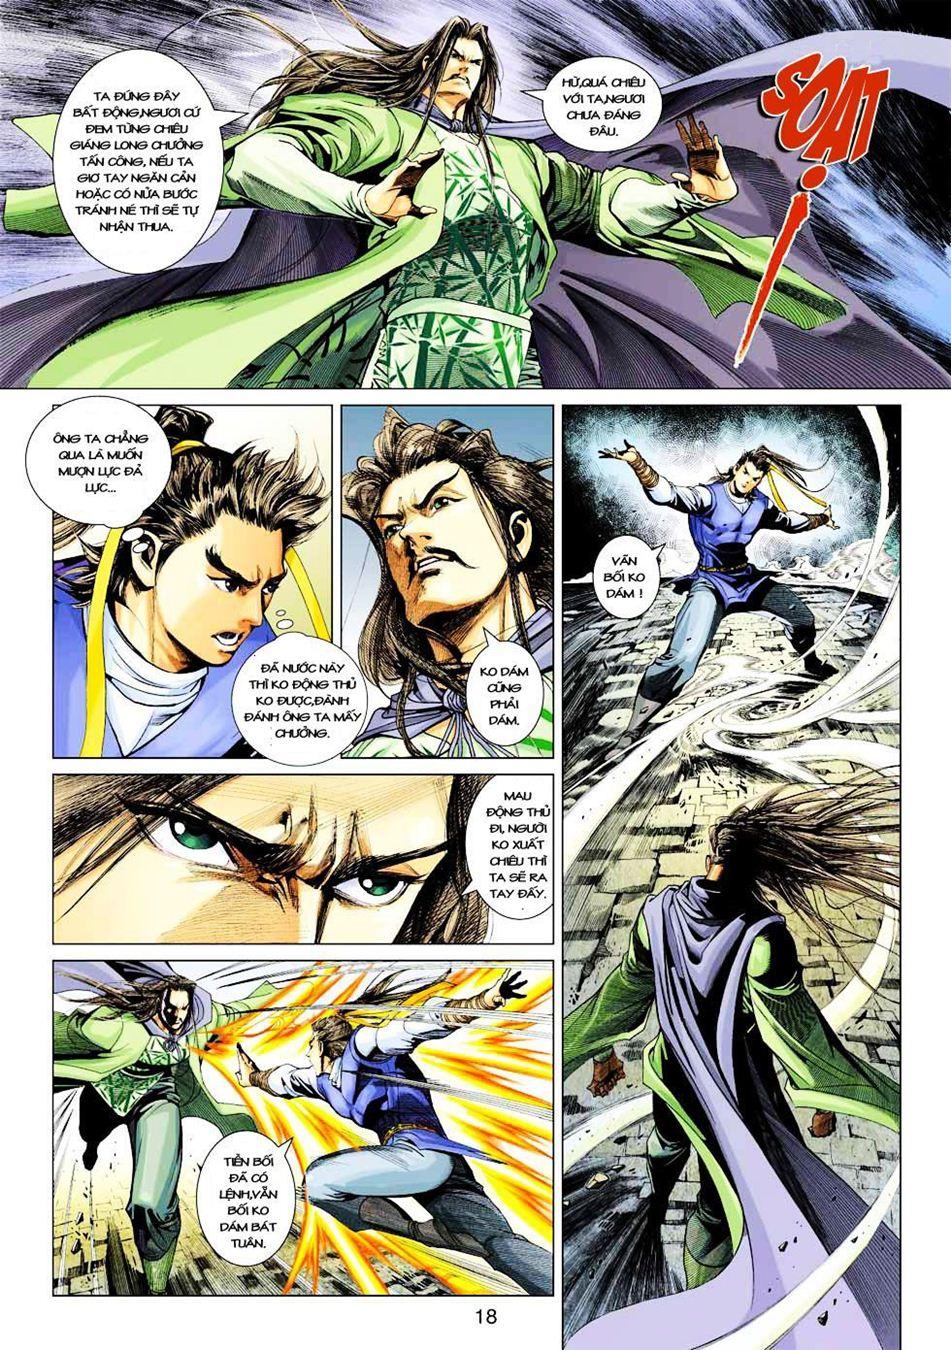 Anh Hùng Xạ Điêu anh hùng xạ đêu chap 33 trang 18